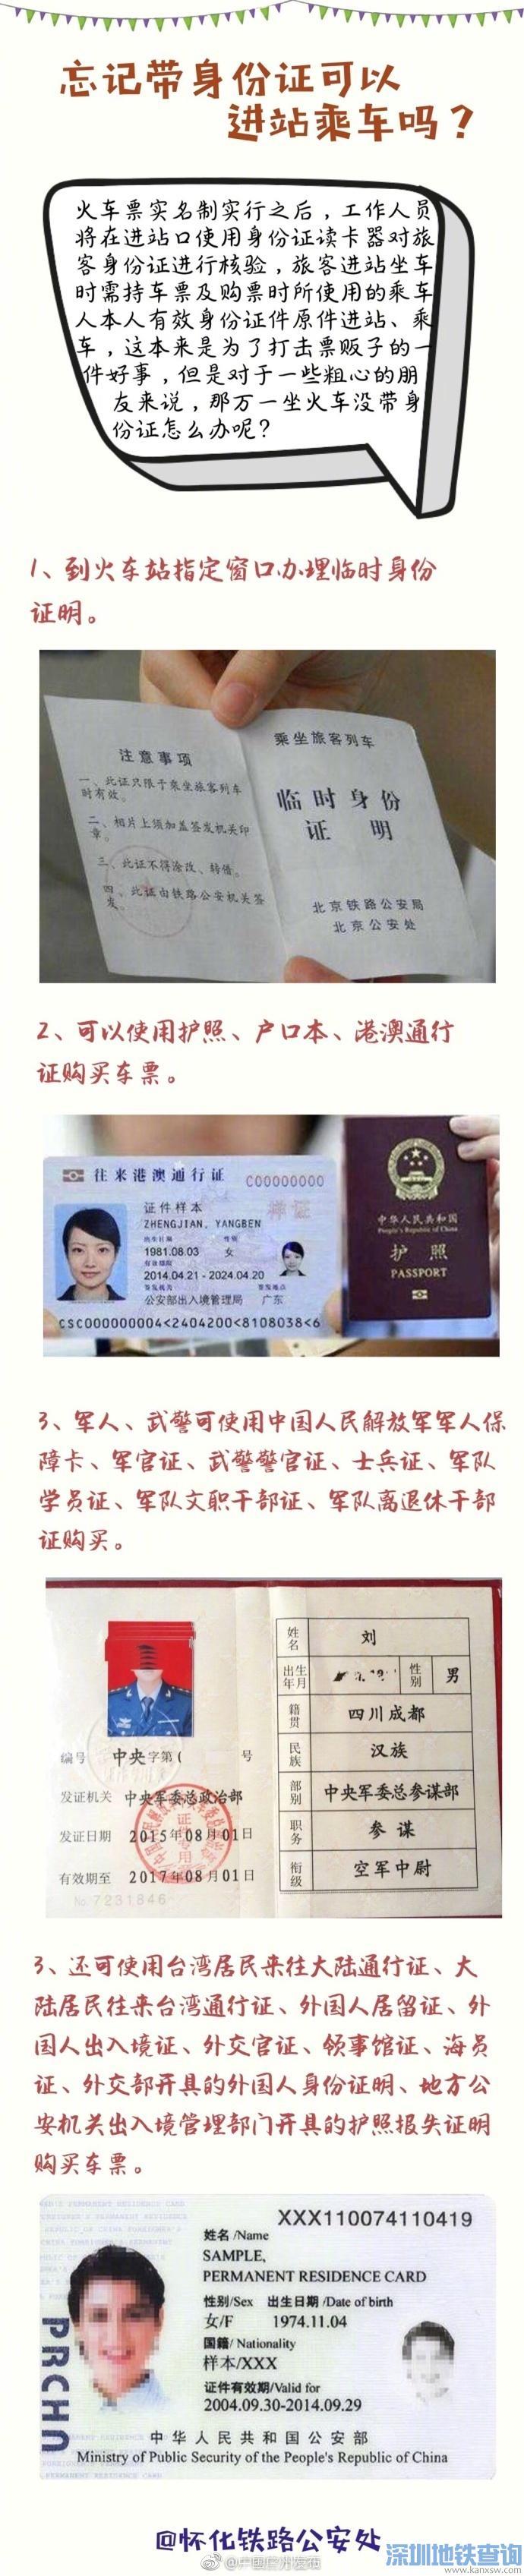 2018坐火车忘记带身份证怎么办?可以进站乘车吗?